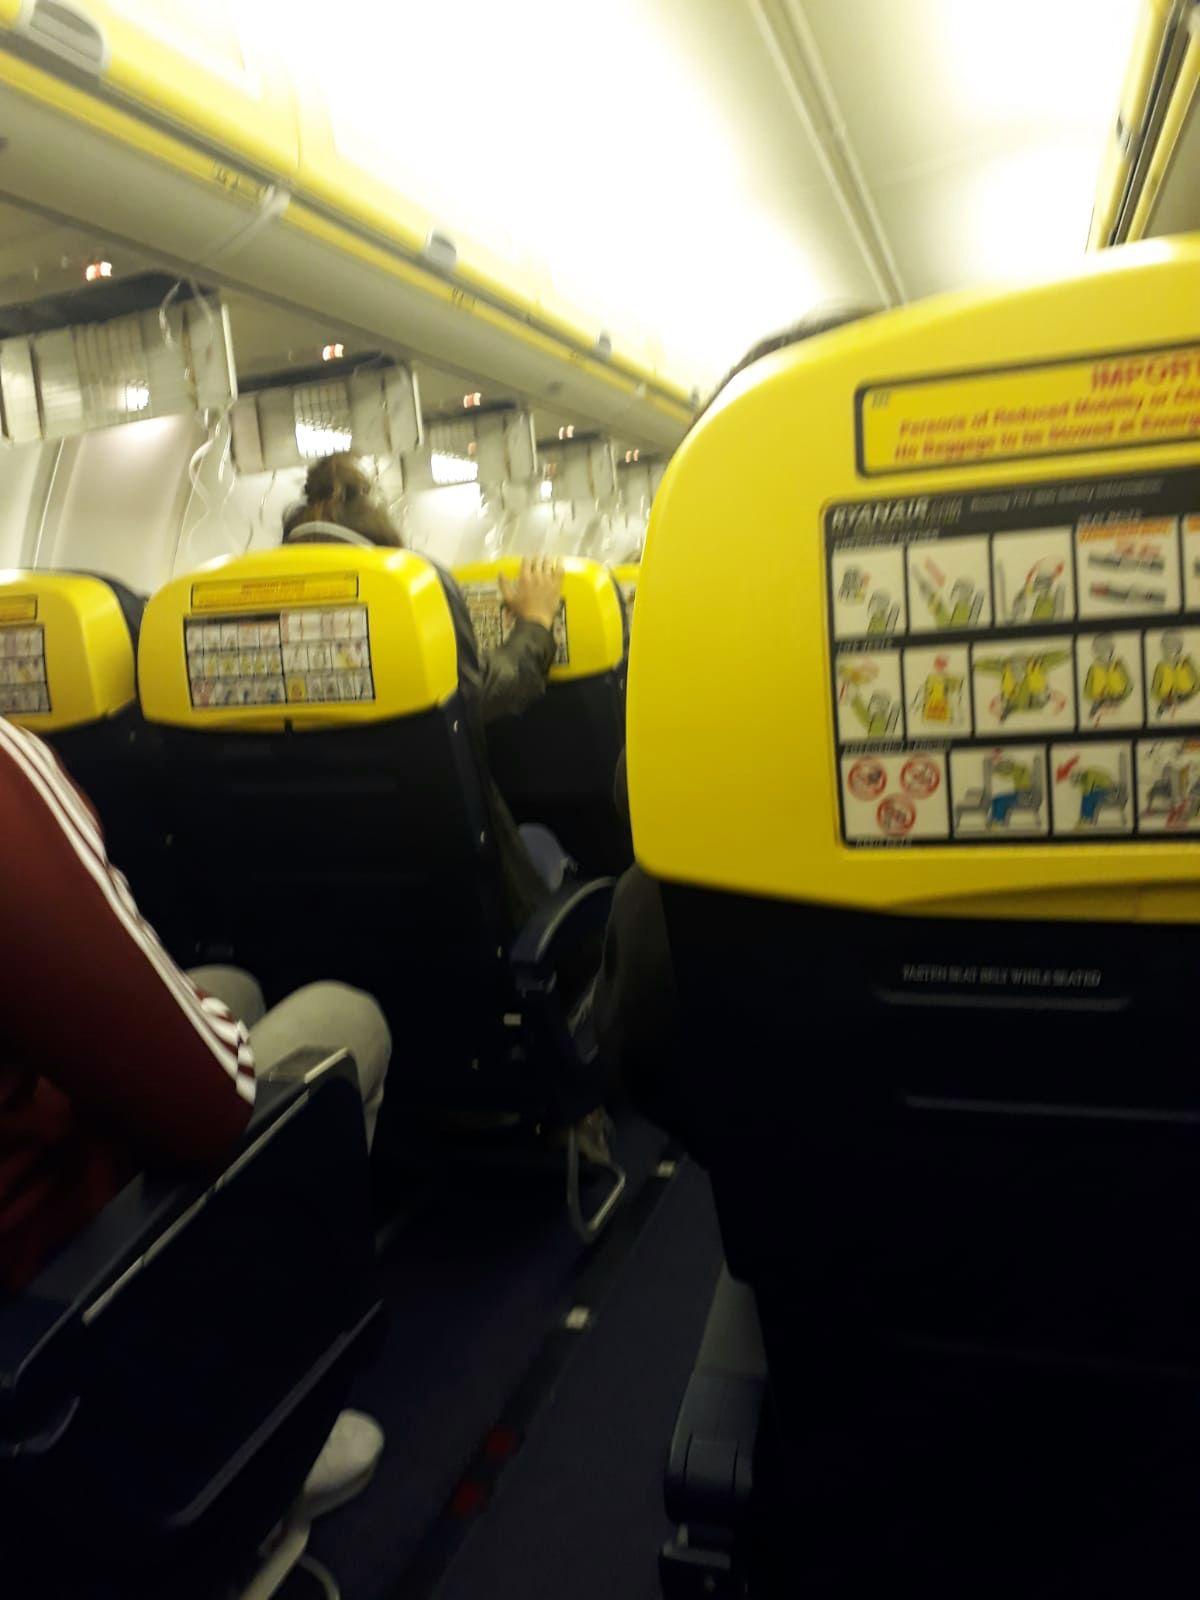 EINMALIGE VERWENDUNG Flug/ Ryanair/ Druckabfall